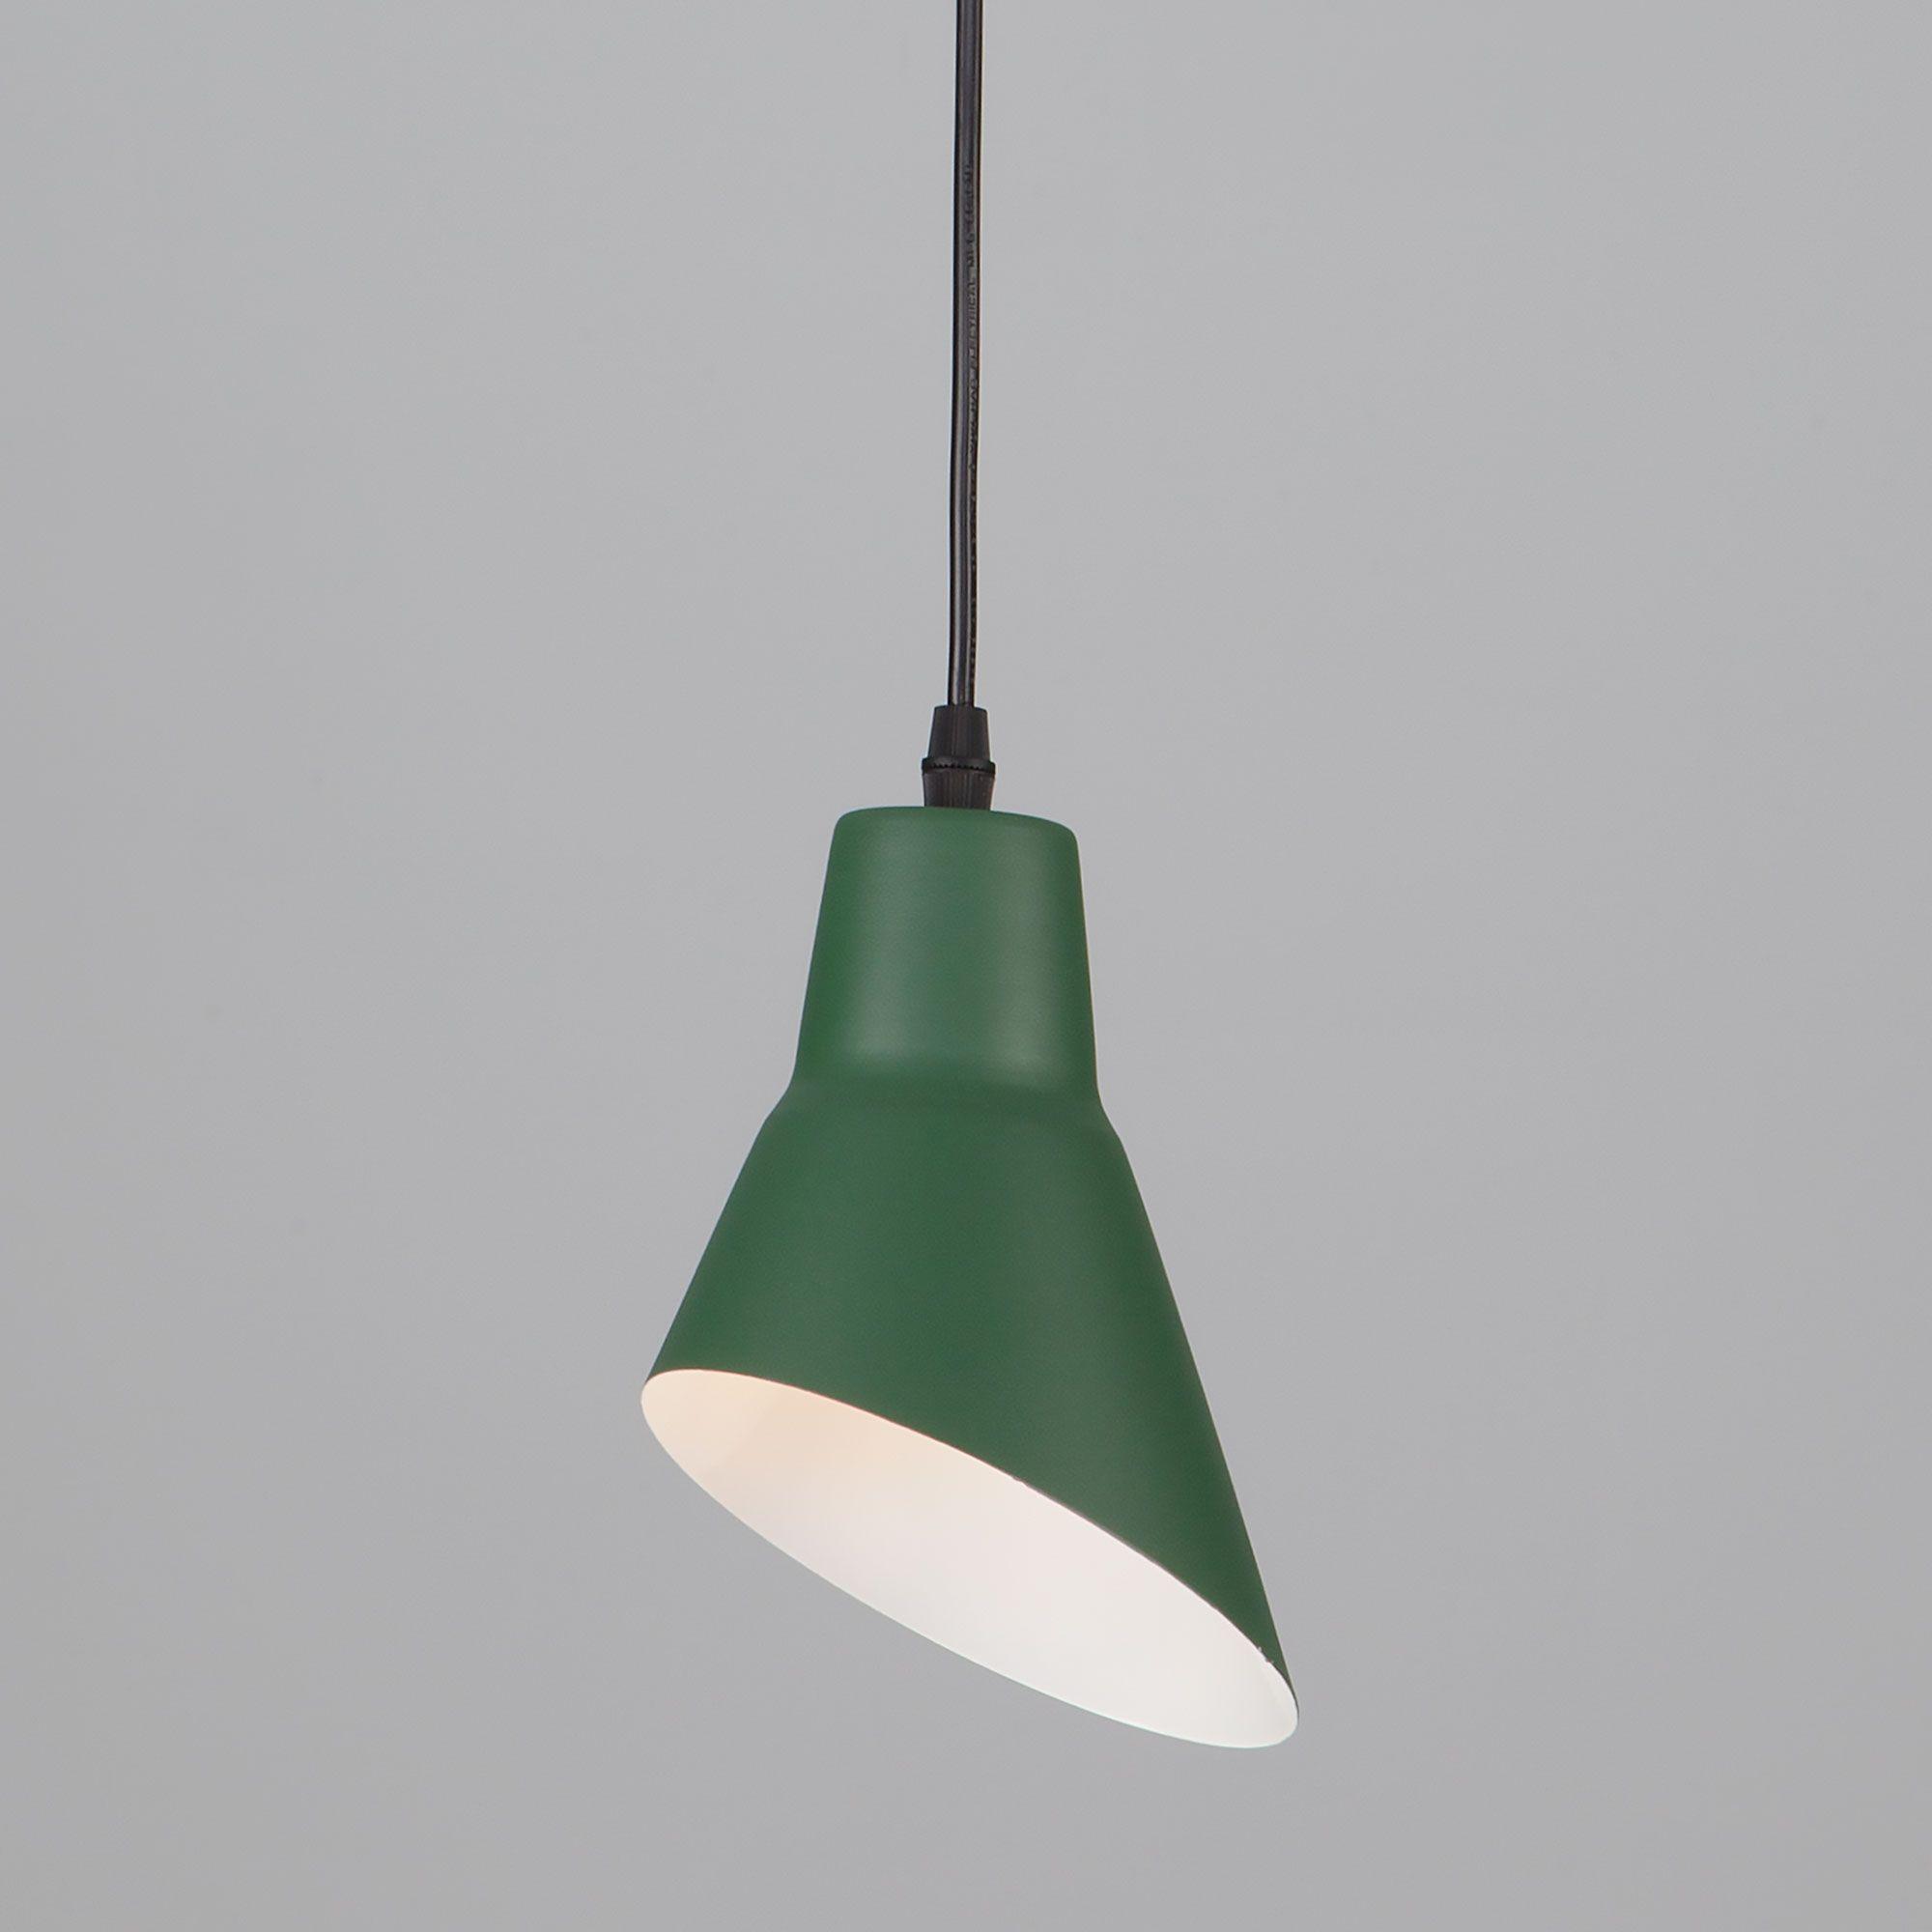 Подвесной светильник из металла 50069/1 зеленый